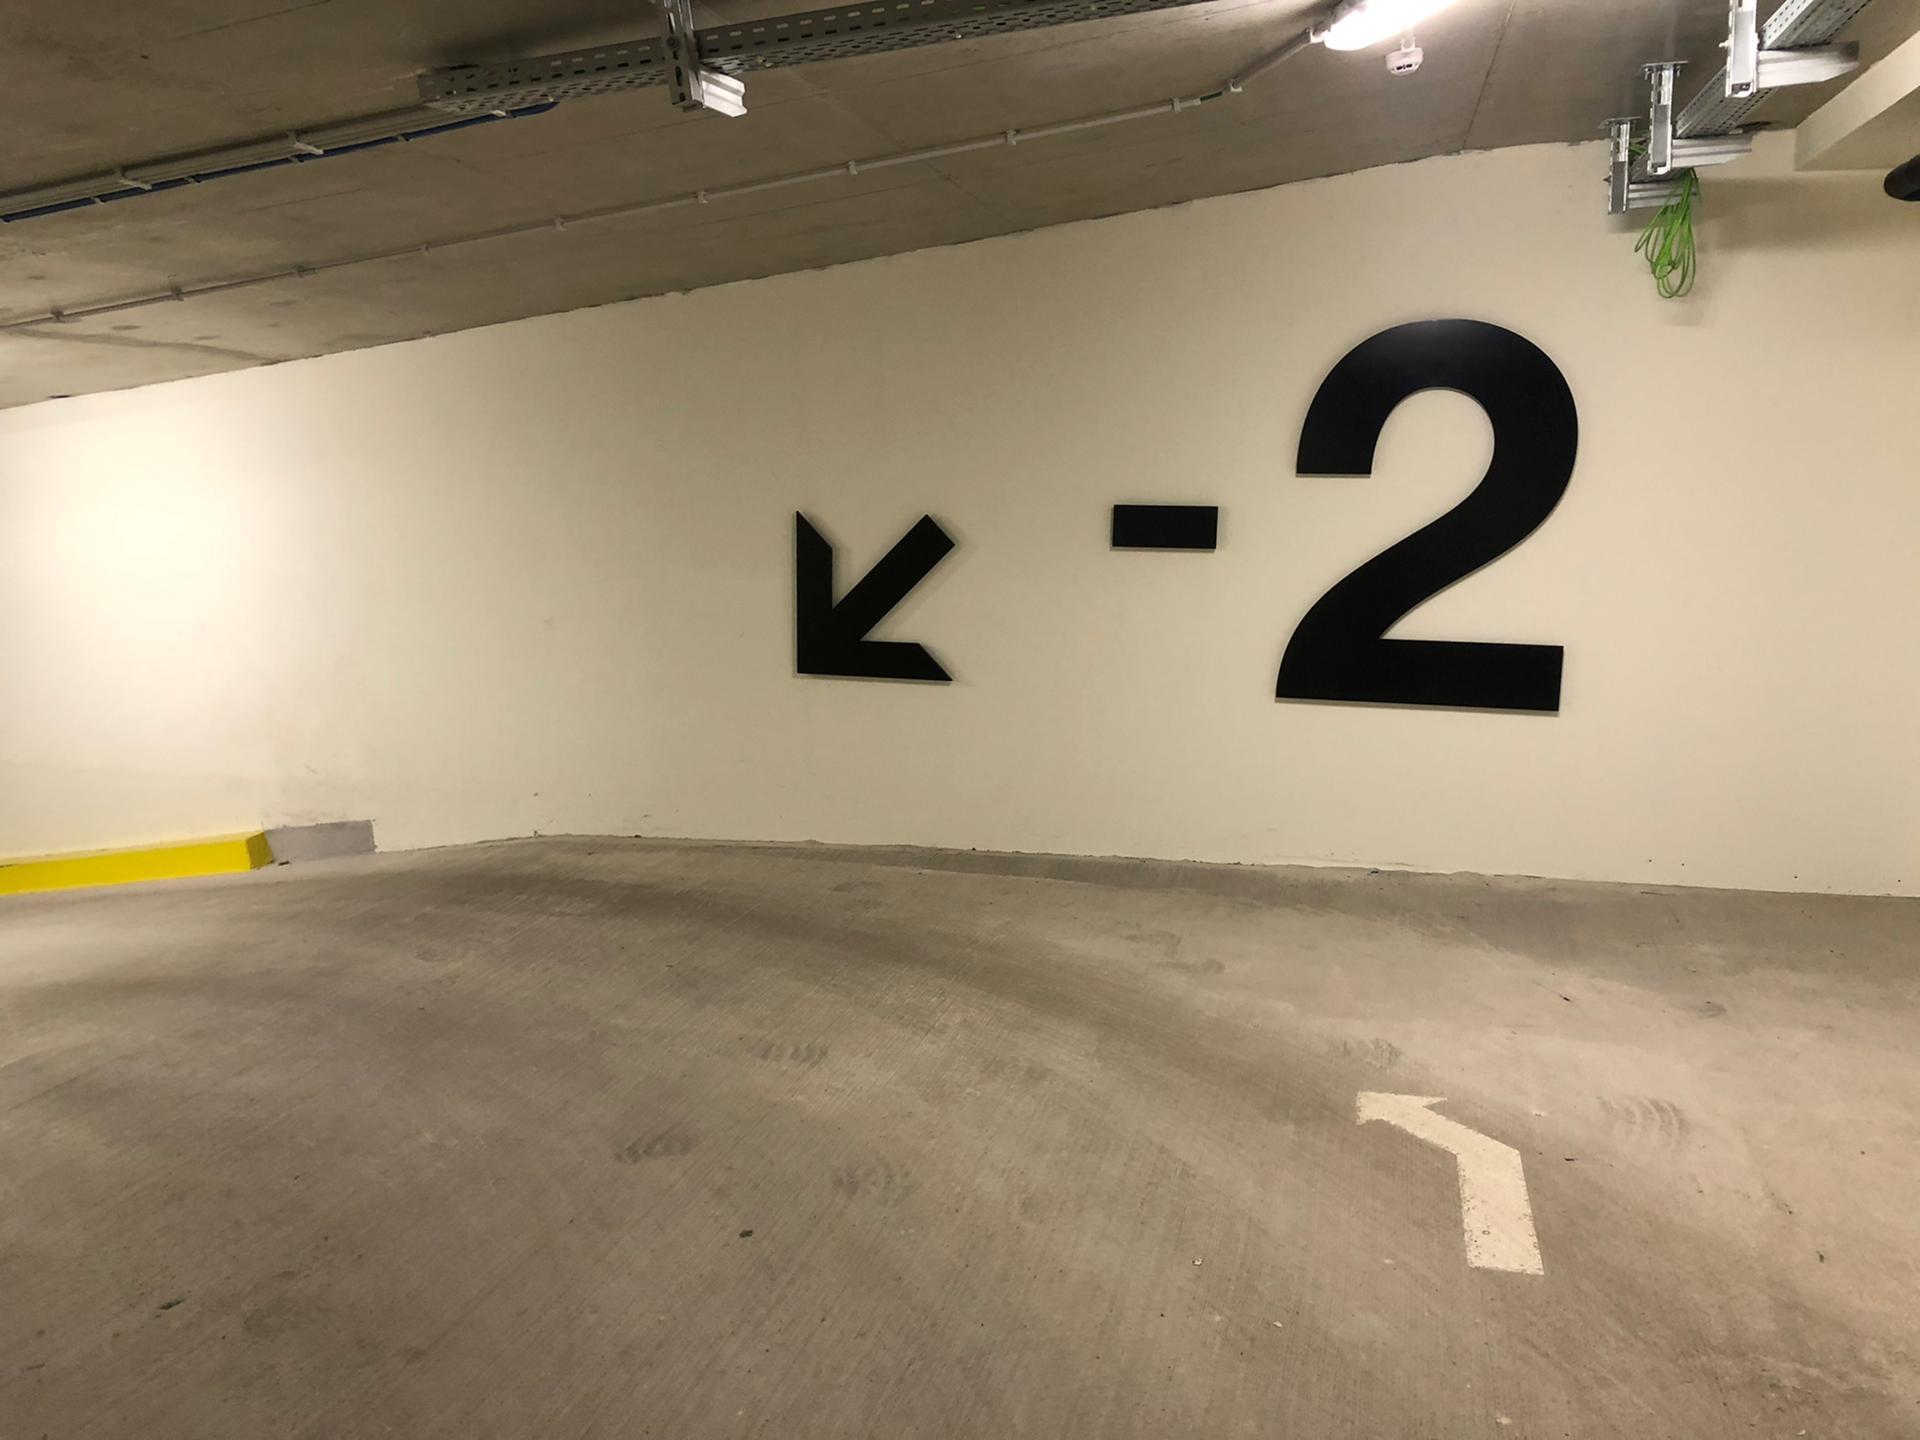 Wayfinding ondergrondse parking bij Tweed, wegwijzerletters op wand door Actual Sign, member of the Remotec Group